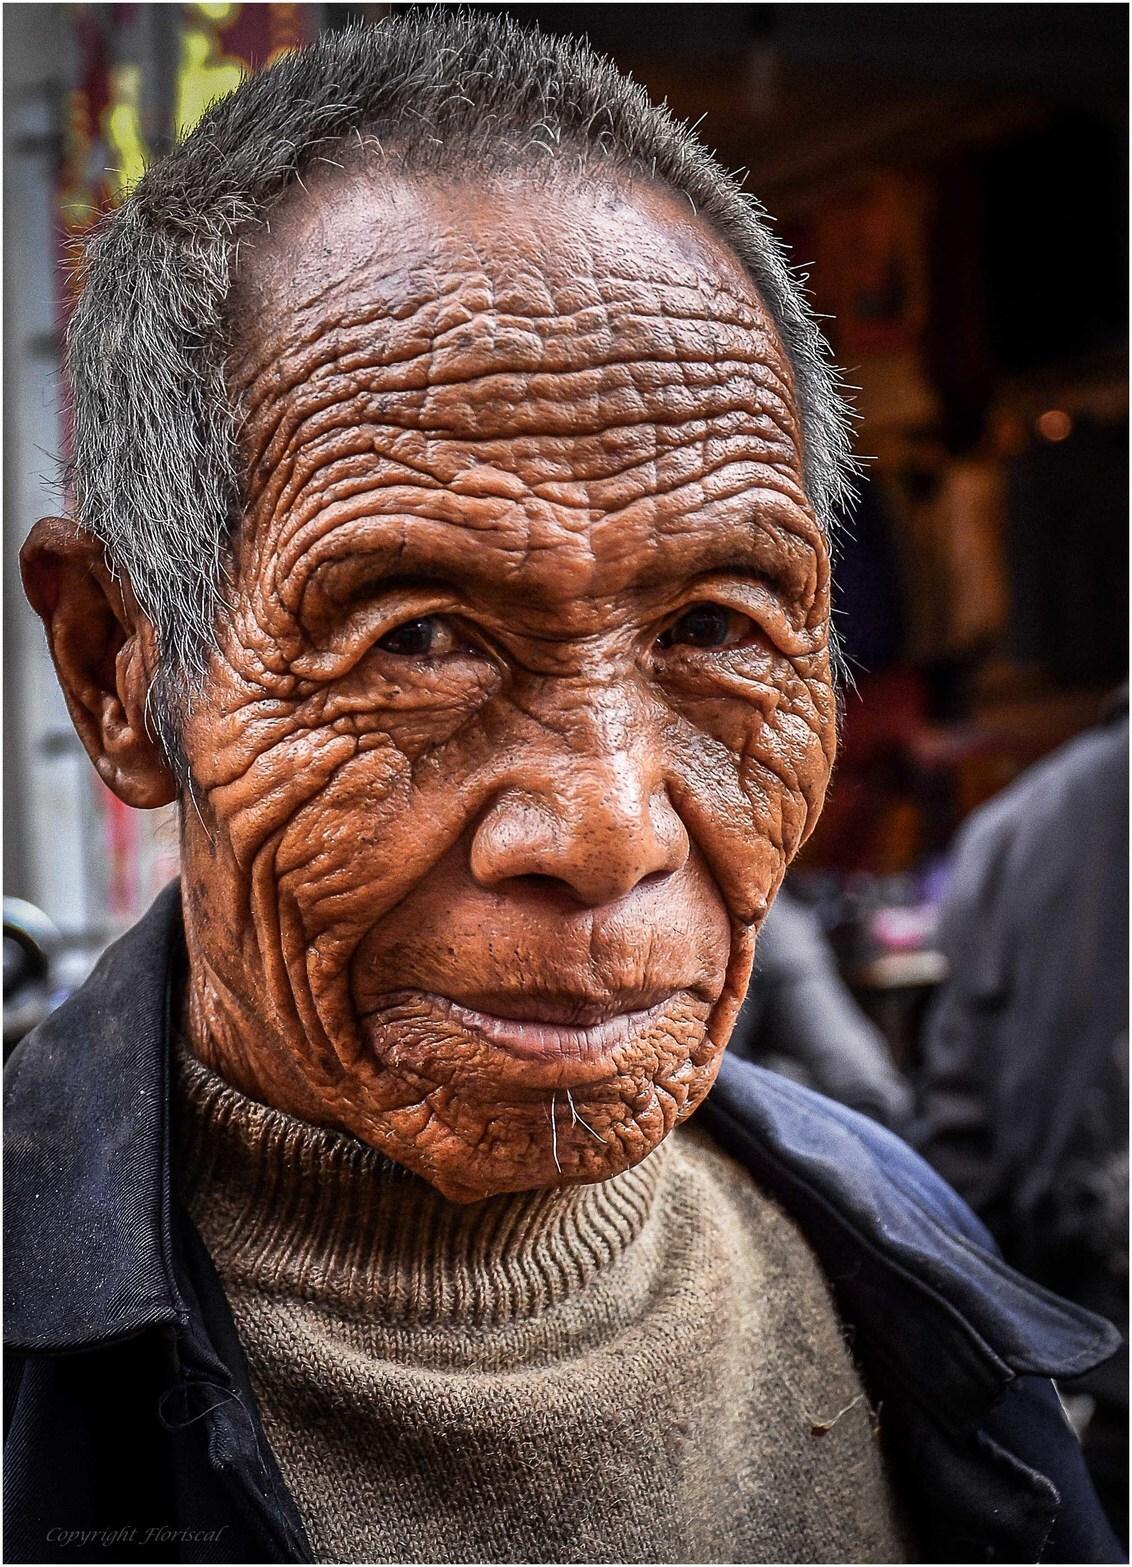 Doorleefd - Een ontmoeting met een prachtige doorleefde oude man op de markt in een klein plaatsje in China. - foto door Floriscal op 20-11-2015 - deze foto bevat: man, china, straatfotografie, closeup, reisfotografie